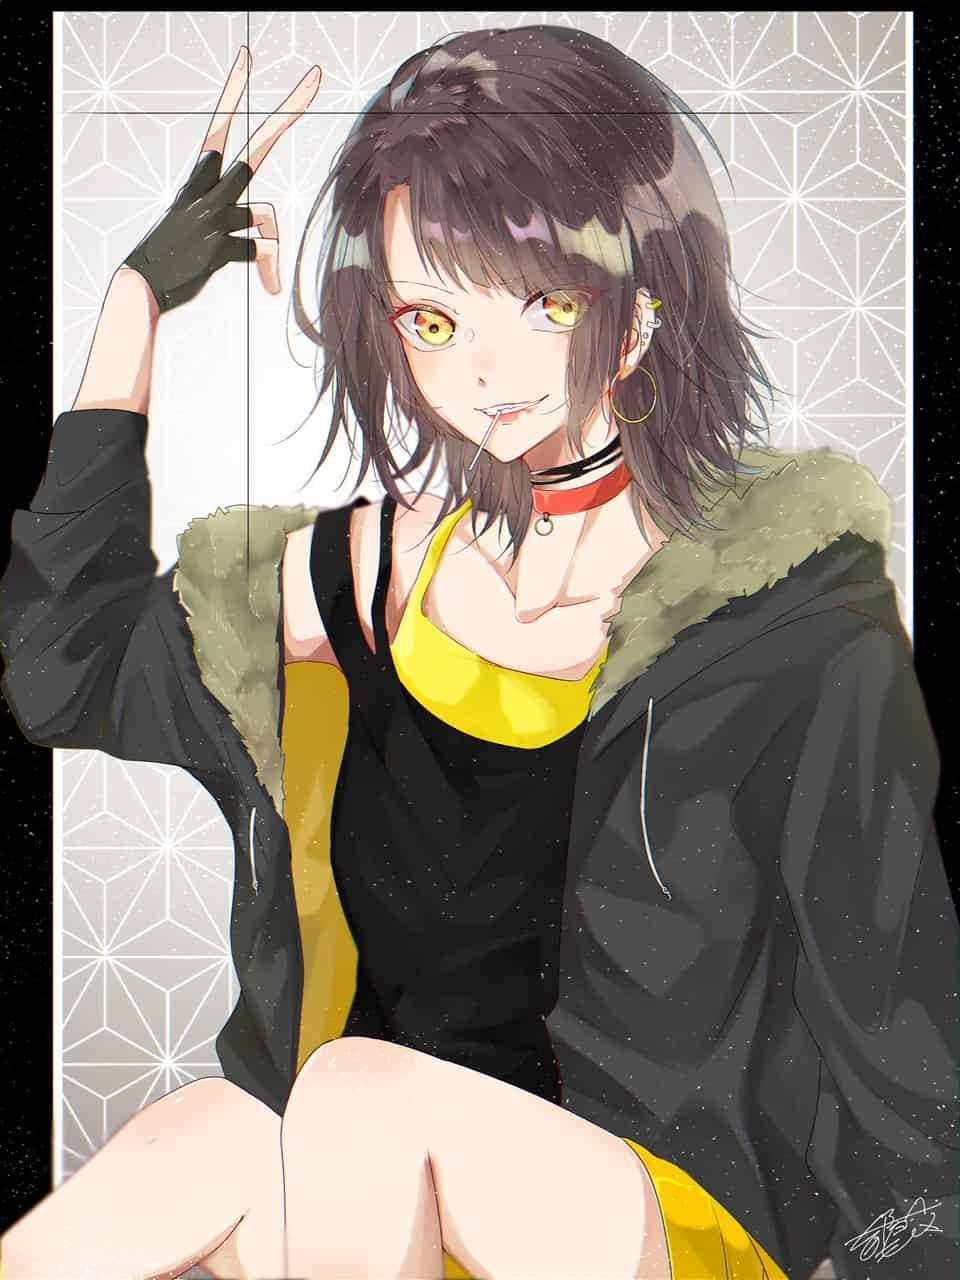 ◼ Illust of 都良 original girl かっこいい illustration piercing